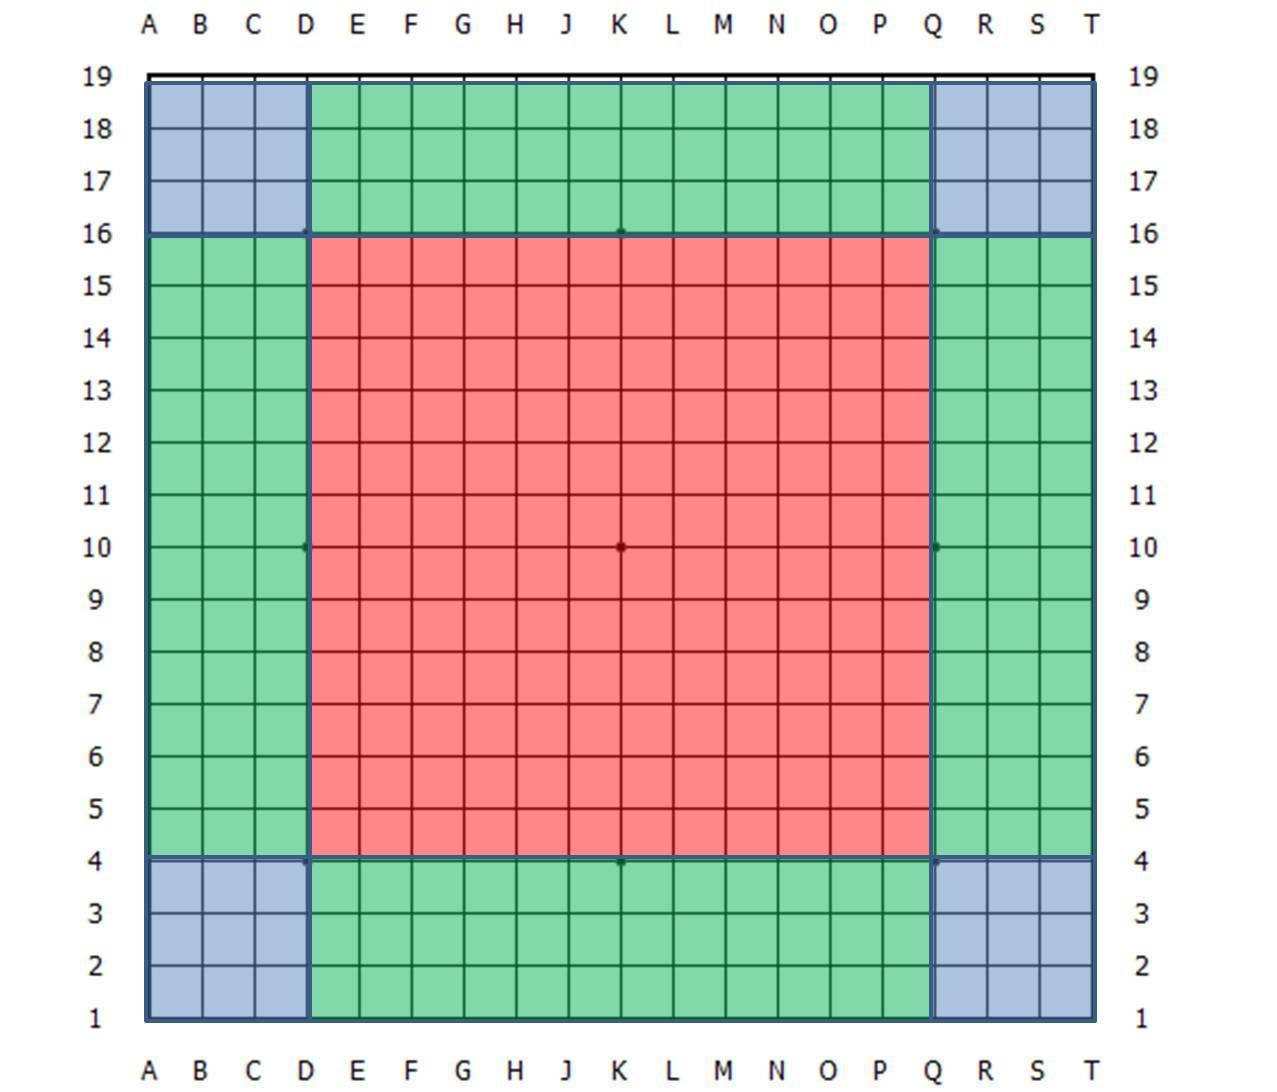 围棋棋盘交叉点_围棋启蒙第一课 - 知乎